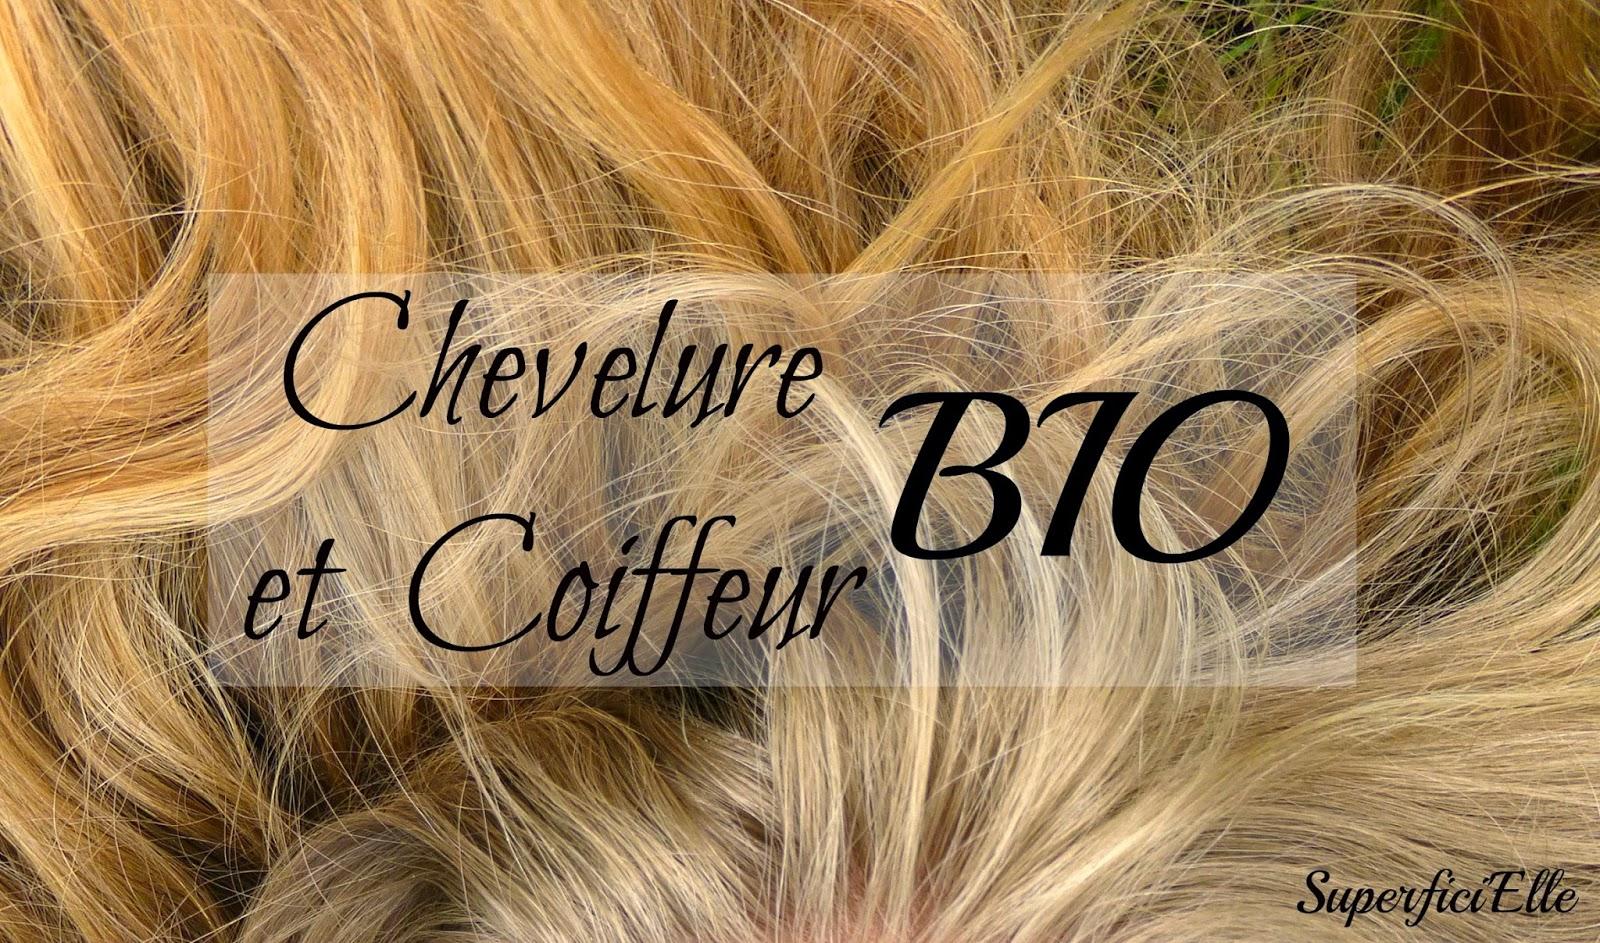 Chevelure de Sirène et Coiffeur BIO